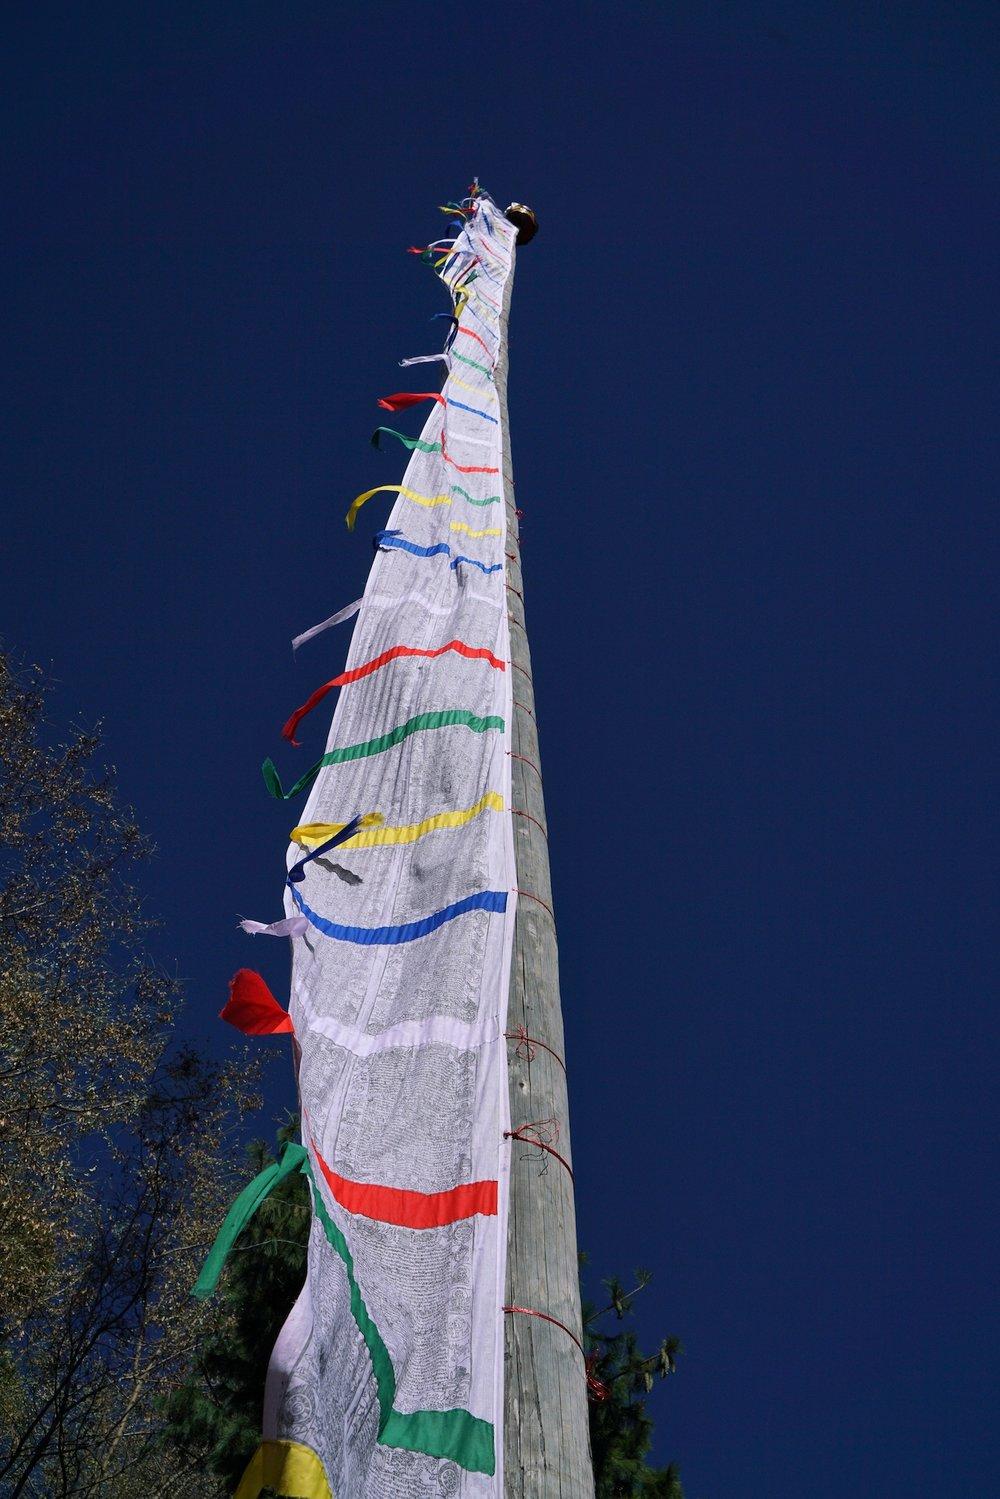 Bhutan-11-17-16- DSC03787.jpg